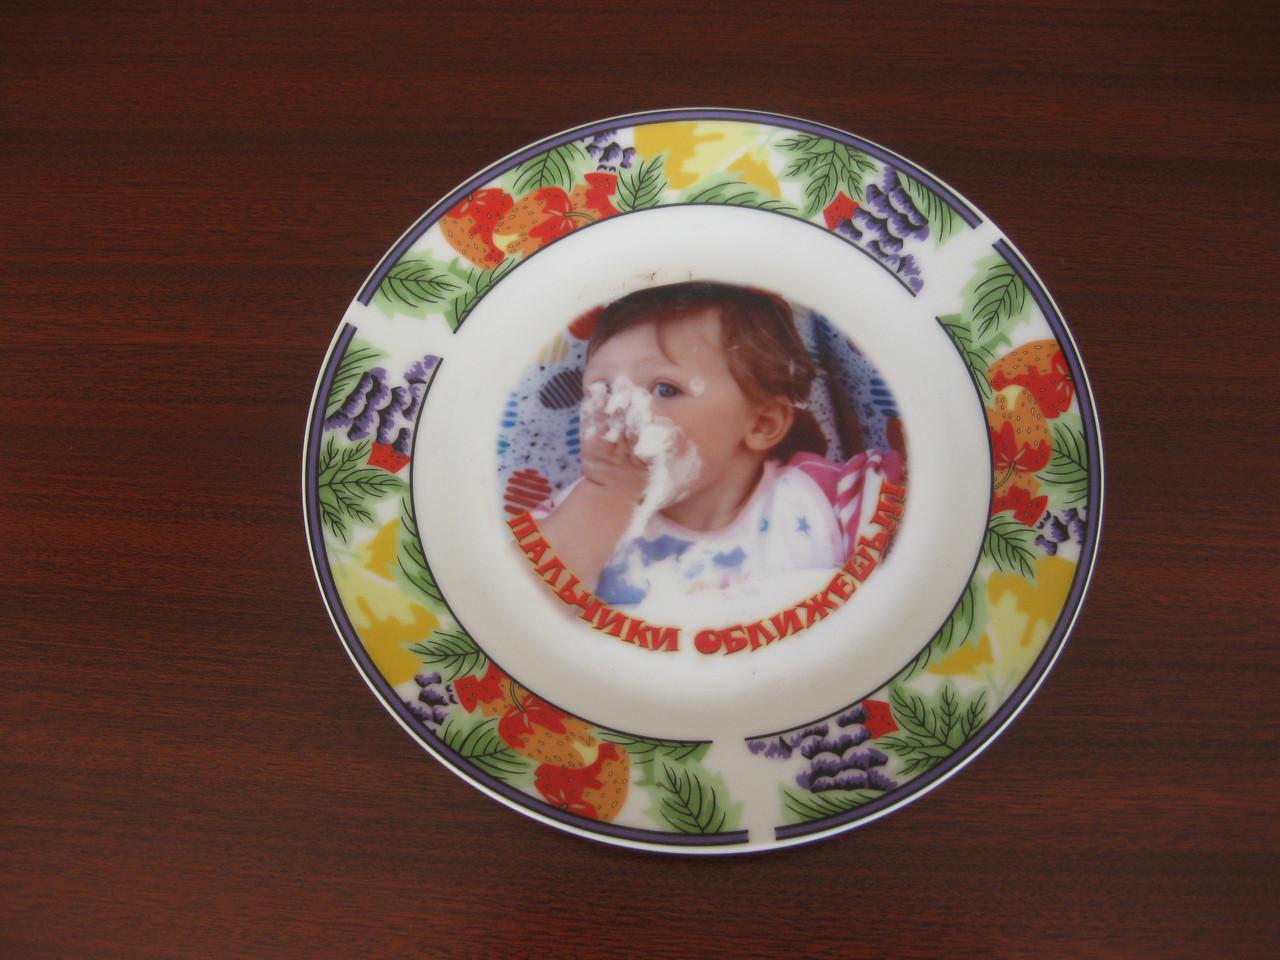 Нанесение на тарелку по индивидуальному заказу